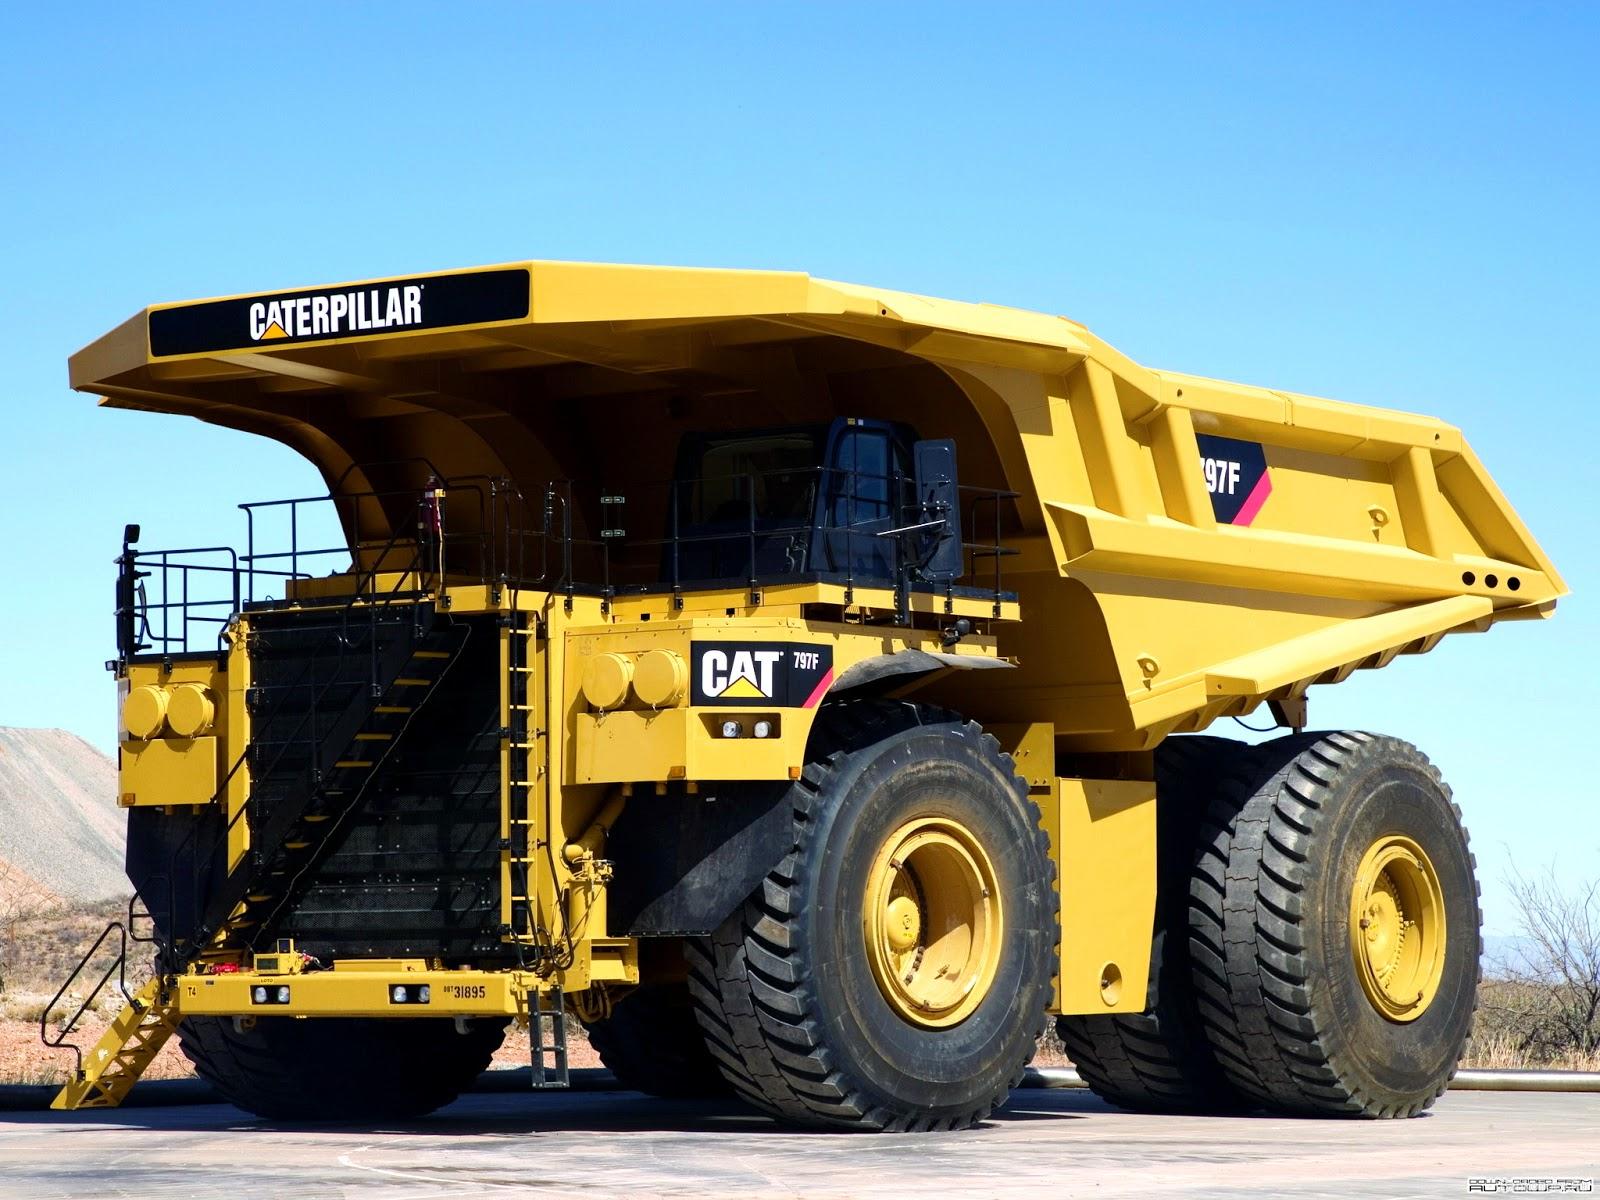 ТОП-3 самых больших грузовиков в мире. На 2-м месте БелАЗ-75710 (450 тонн) 1